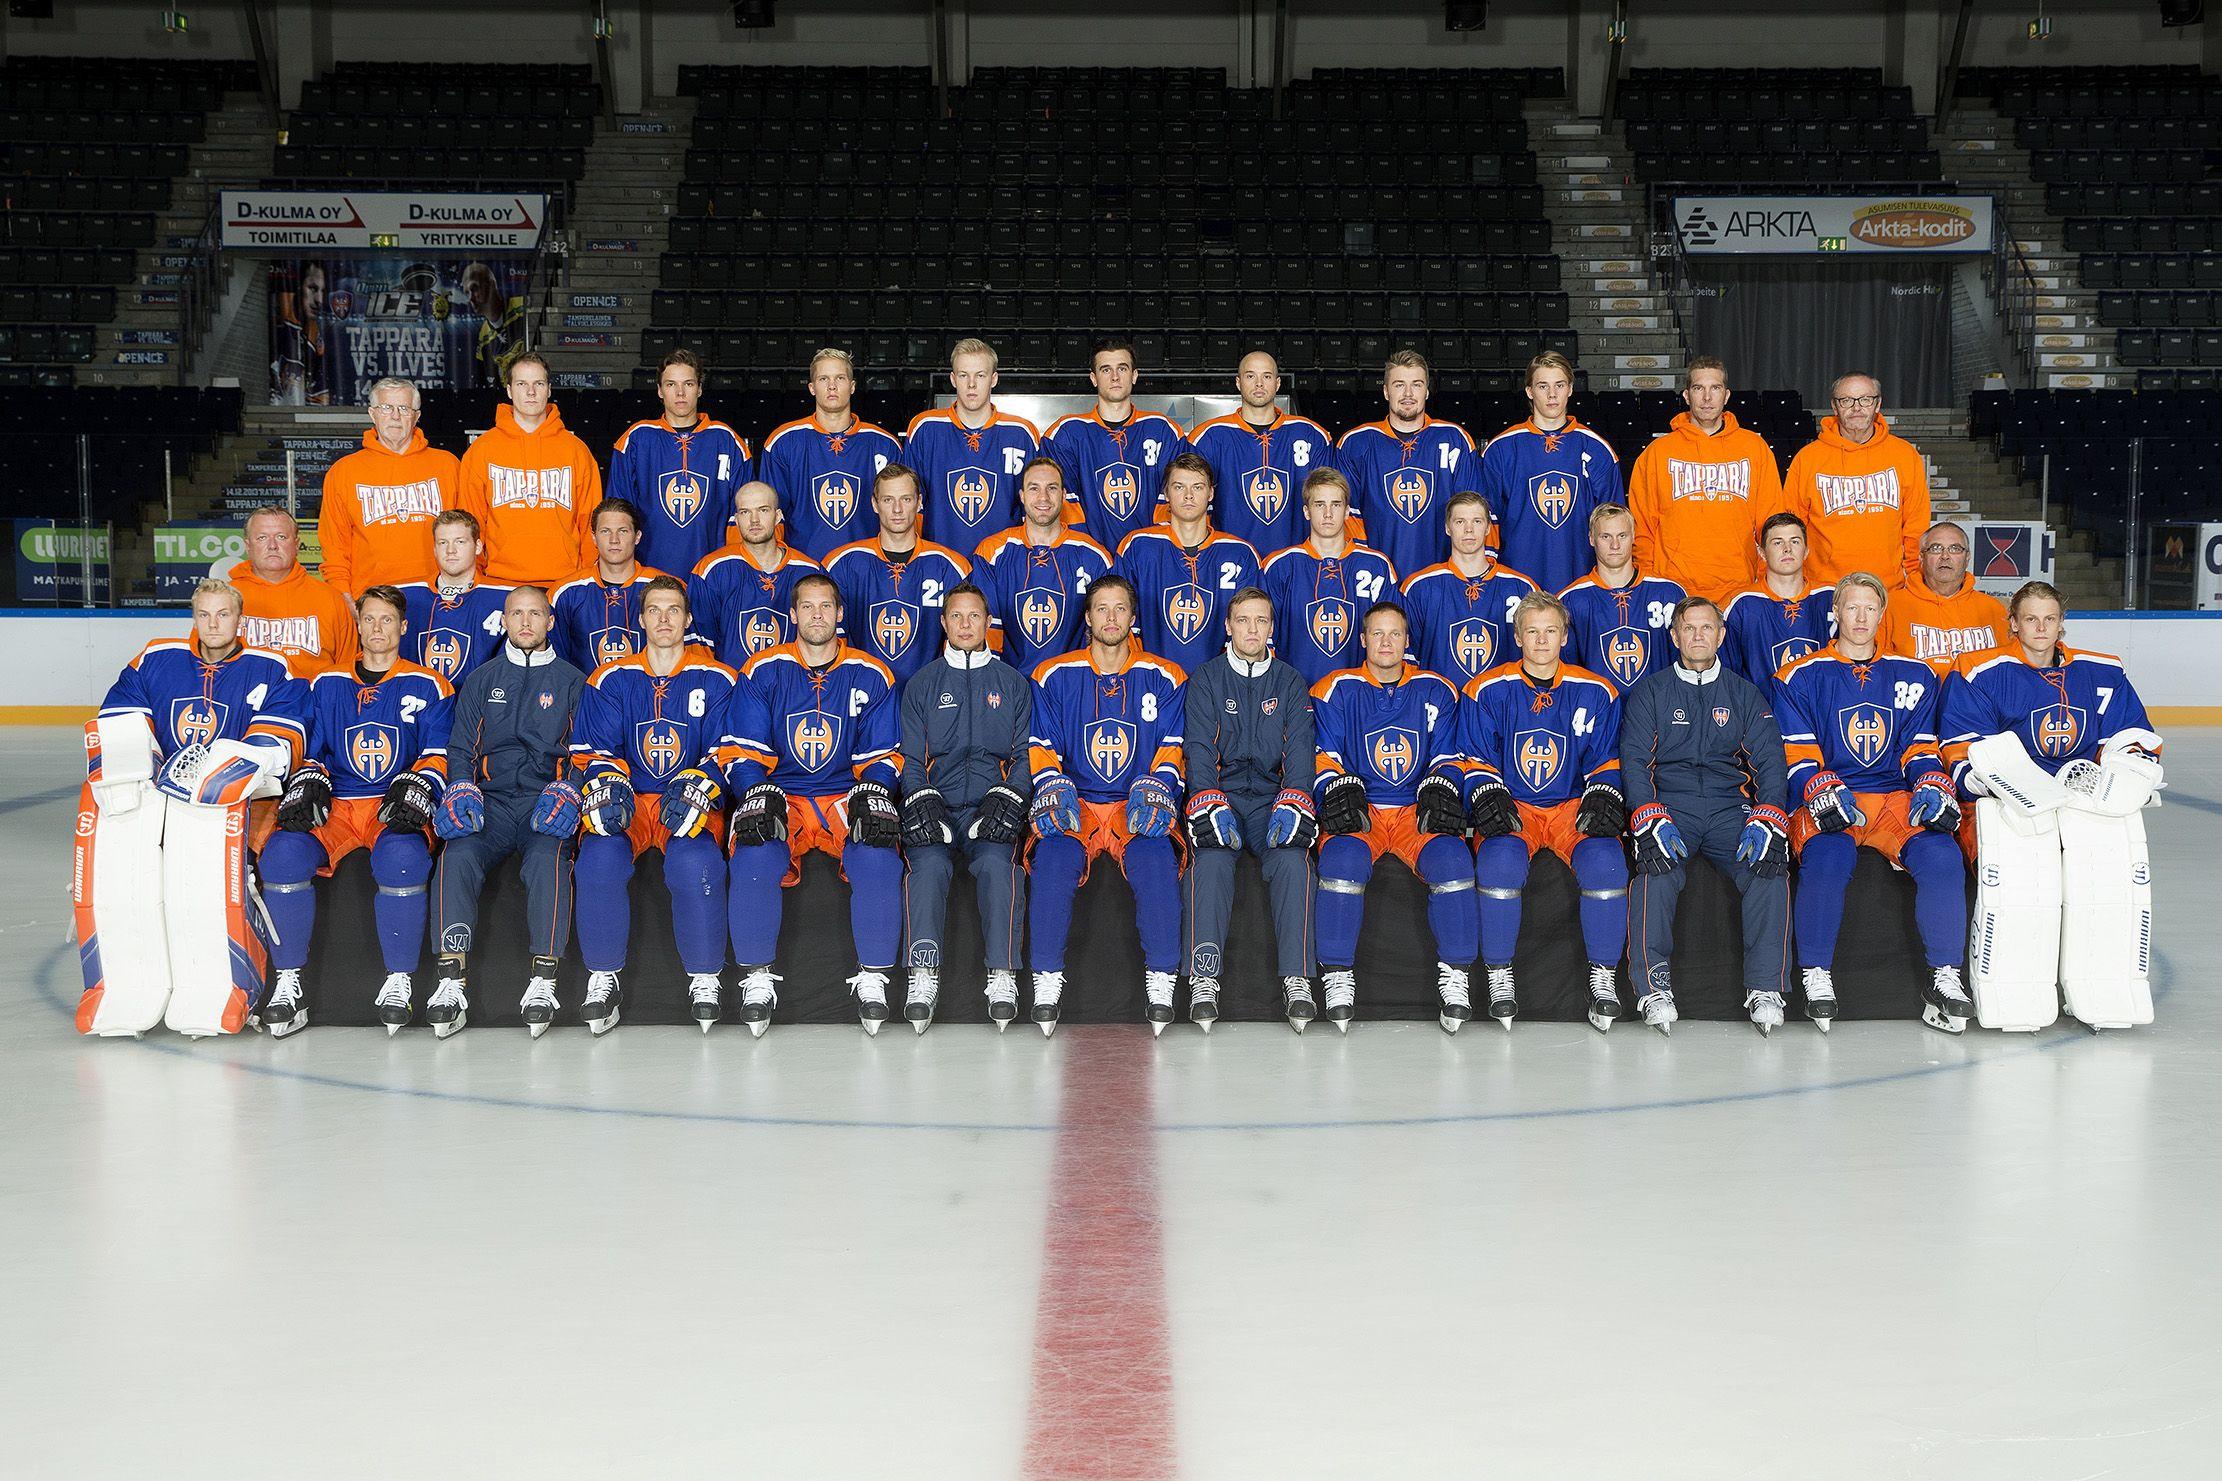 Tappara Hockey Team photo 2014-2015 Tapparan joukkuekuva kaudelta 2014-2015 www.tappara.fi #hockey #goteamtappara!